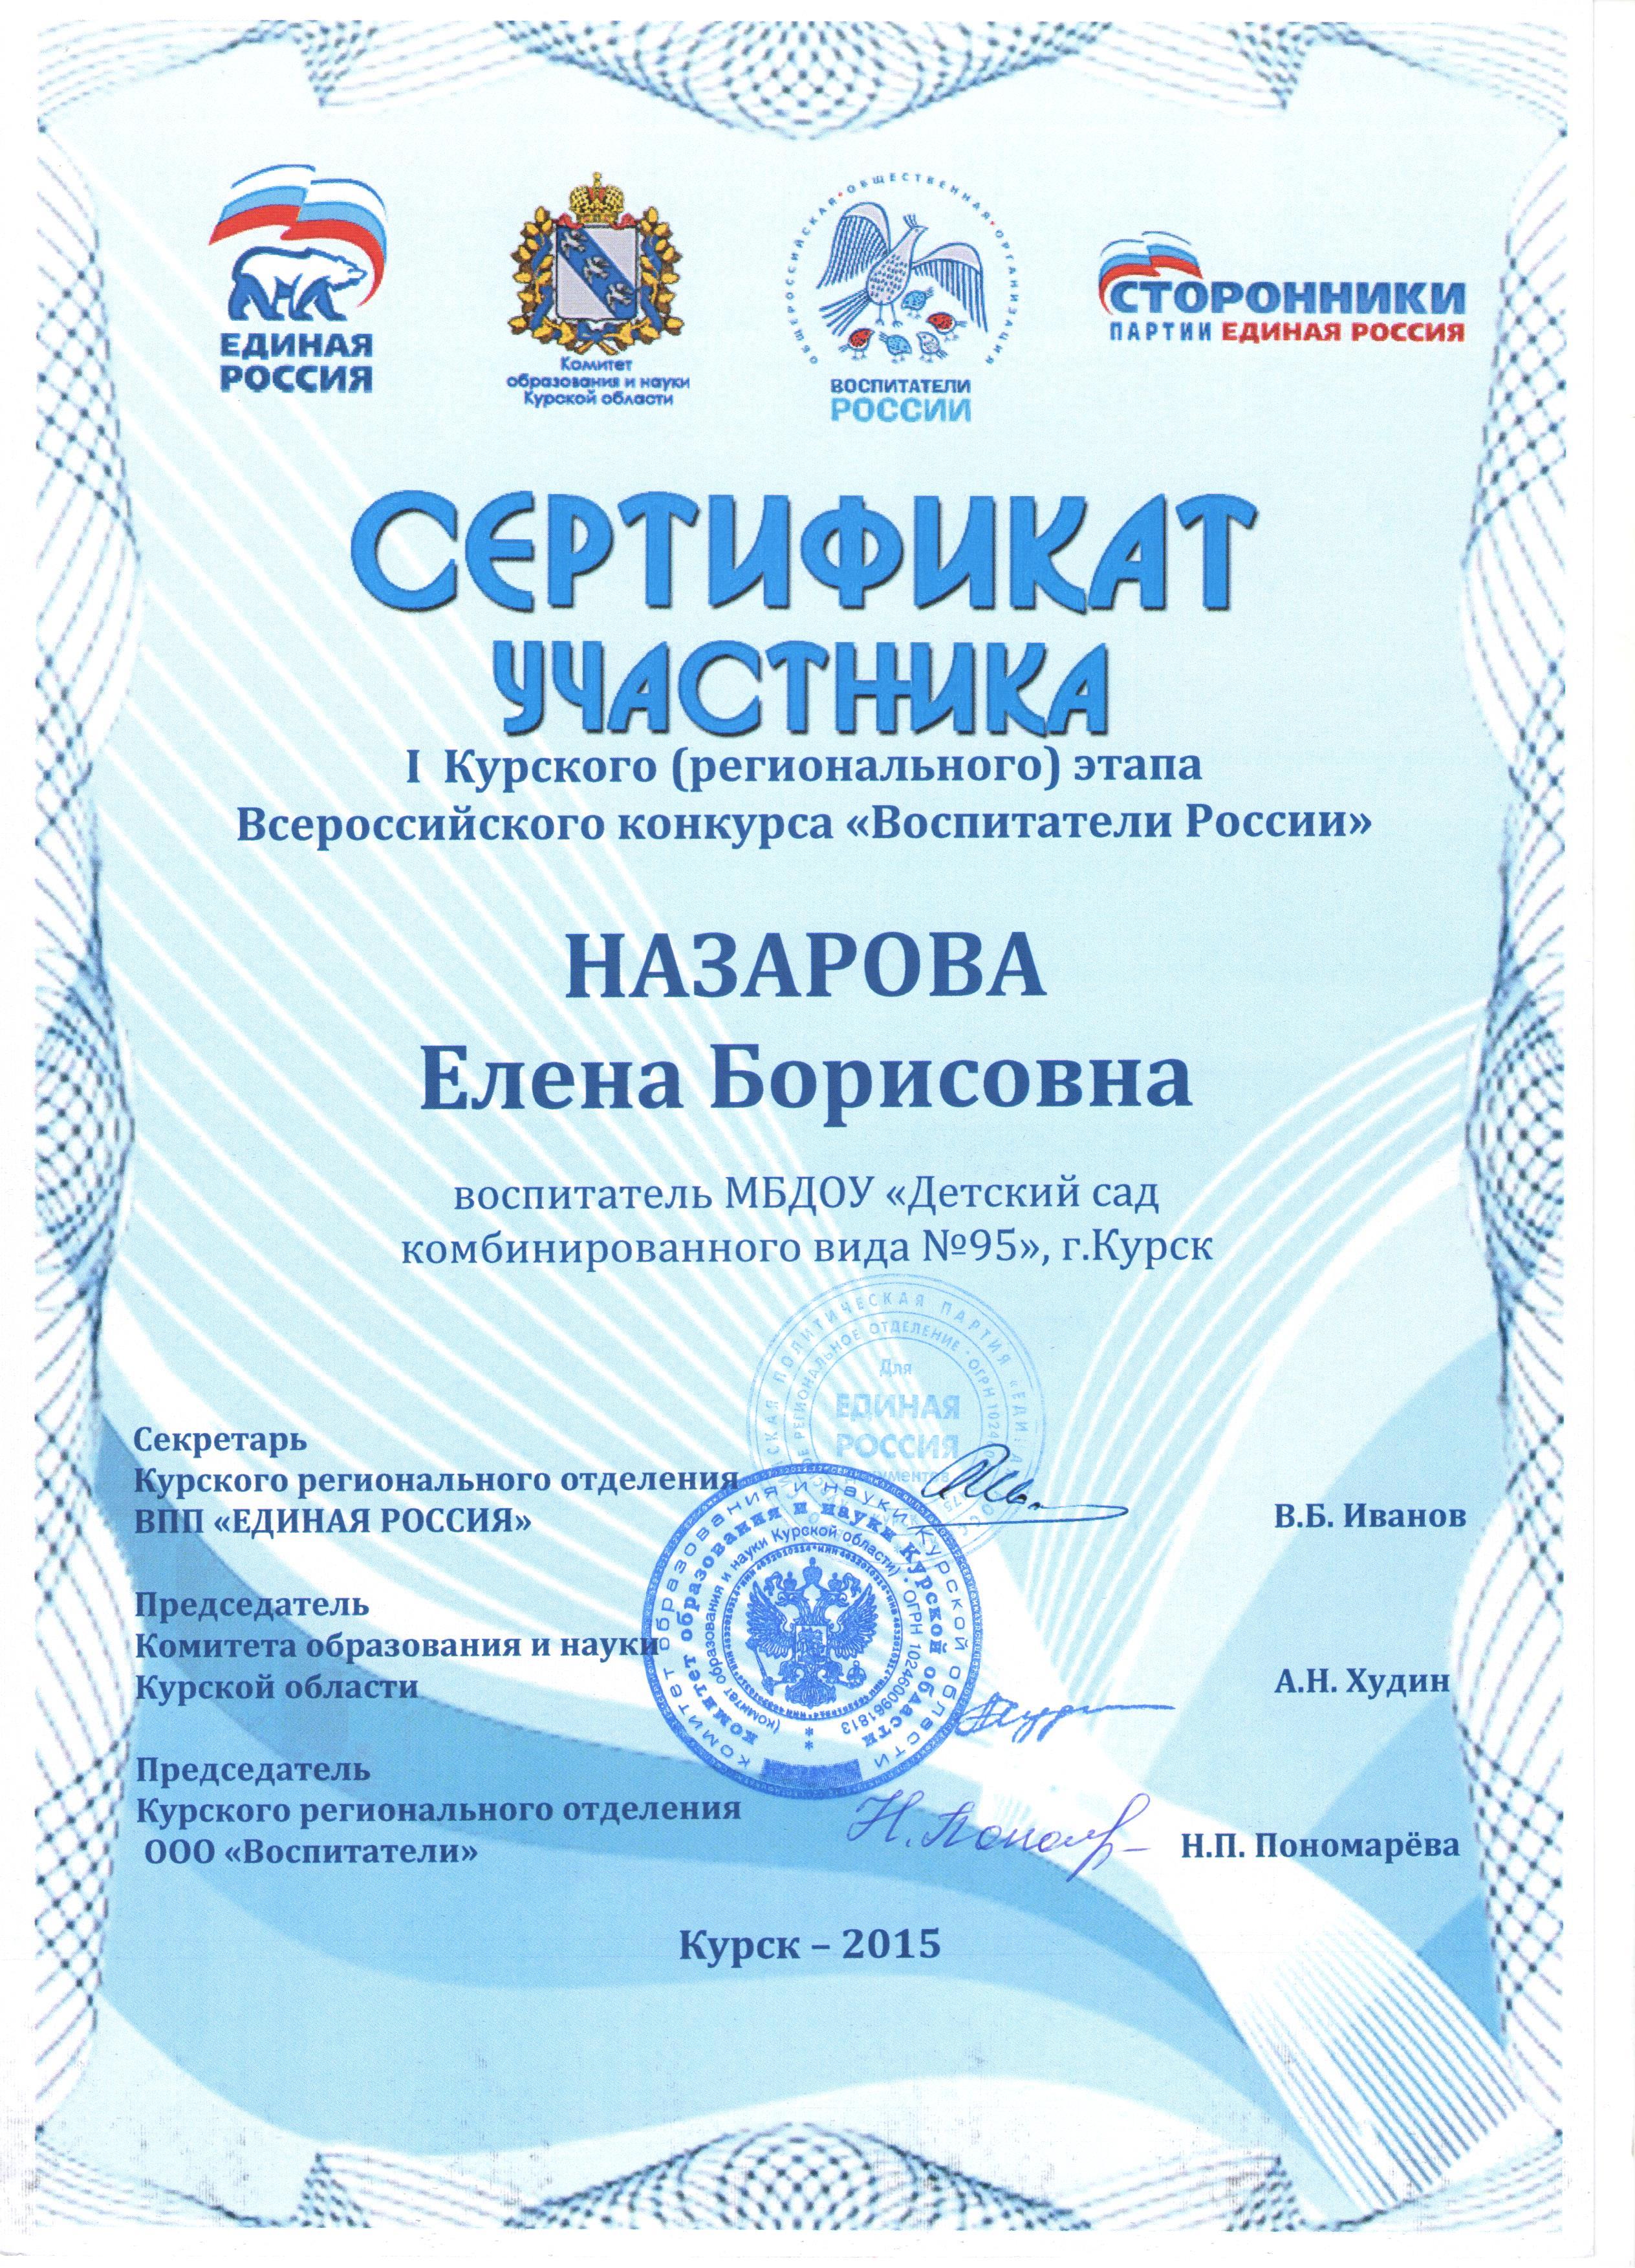 Воспитатели россии конкурс курск